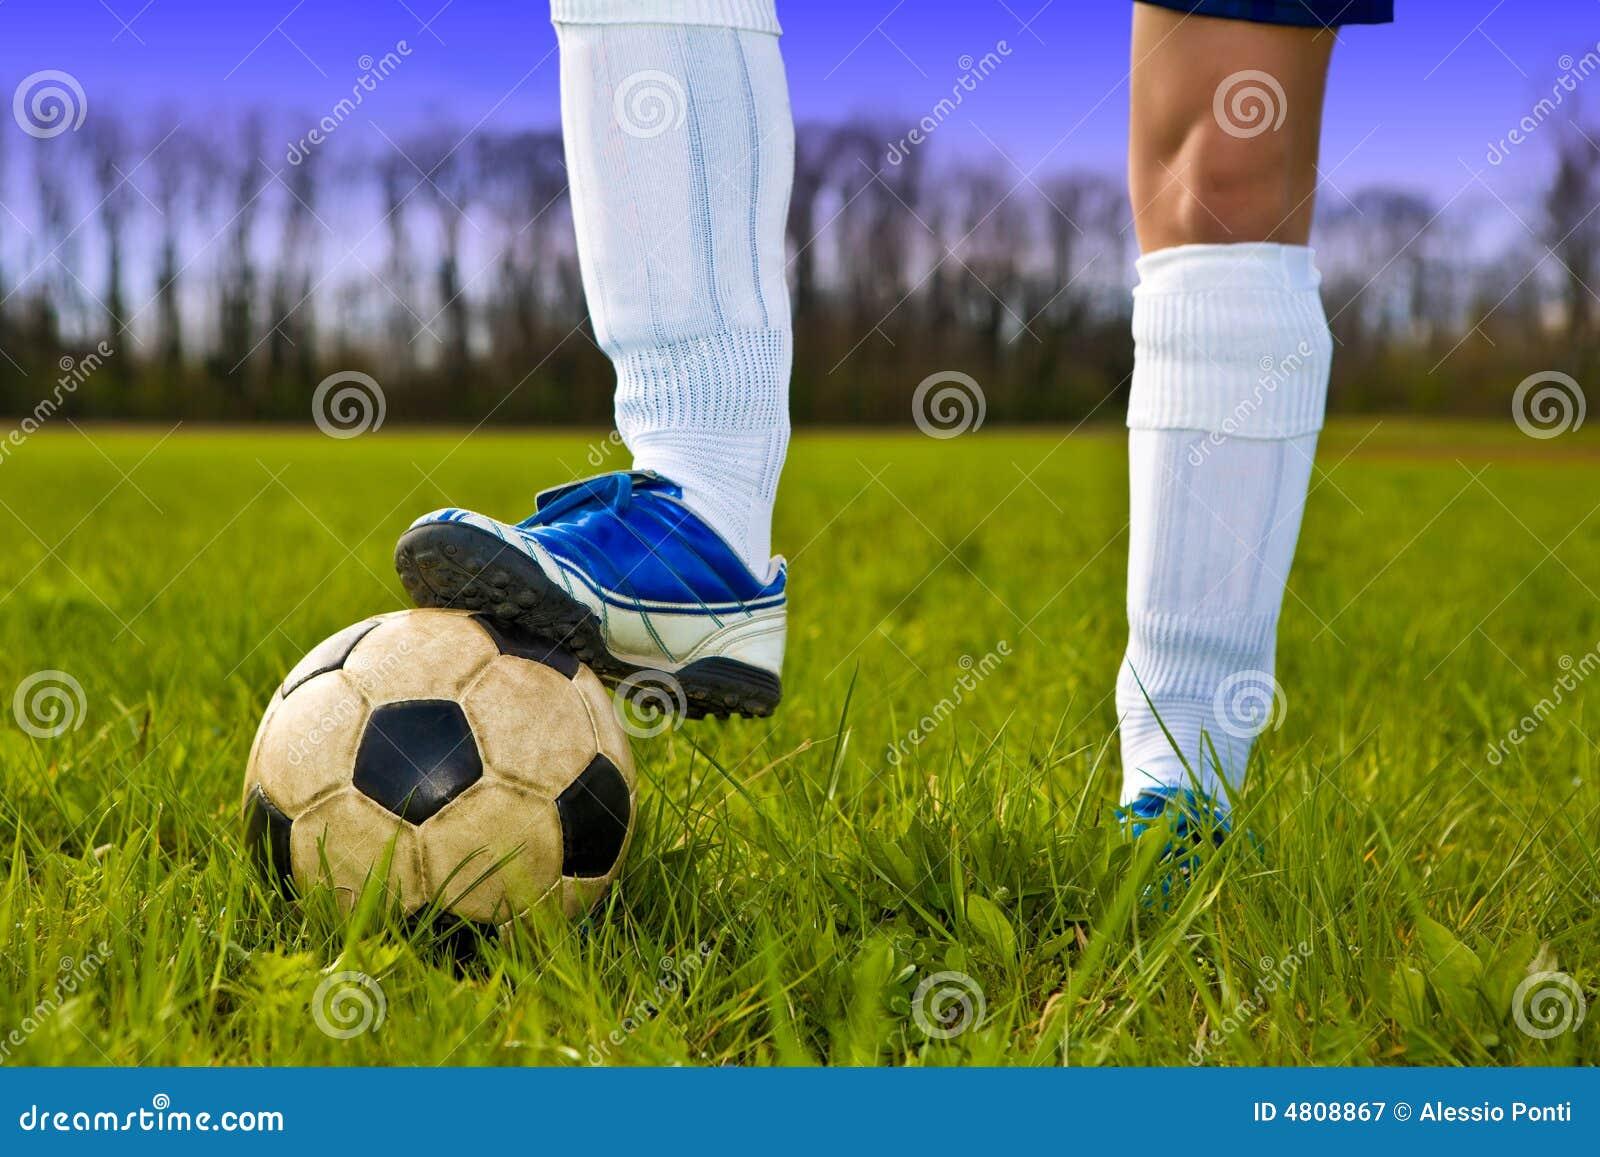 Balón de fútbol y pies del jugador